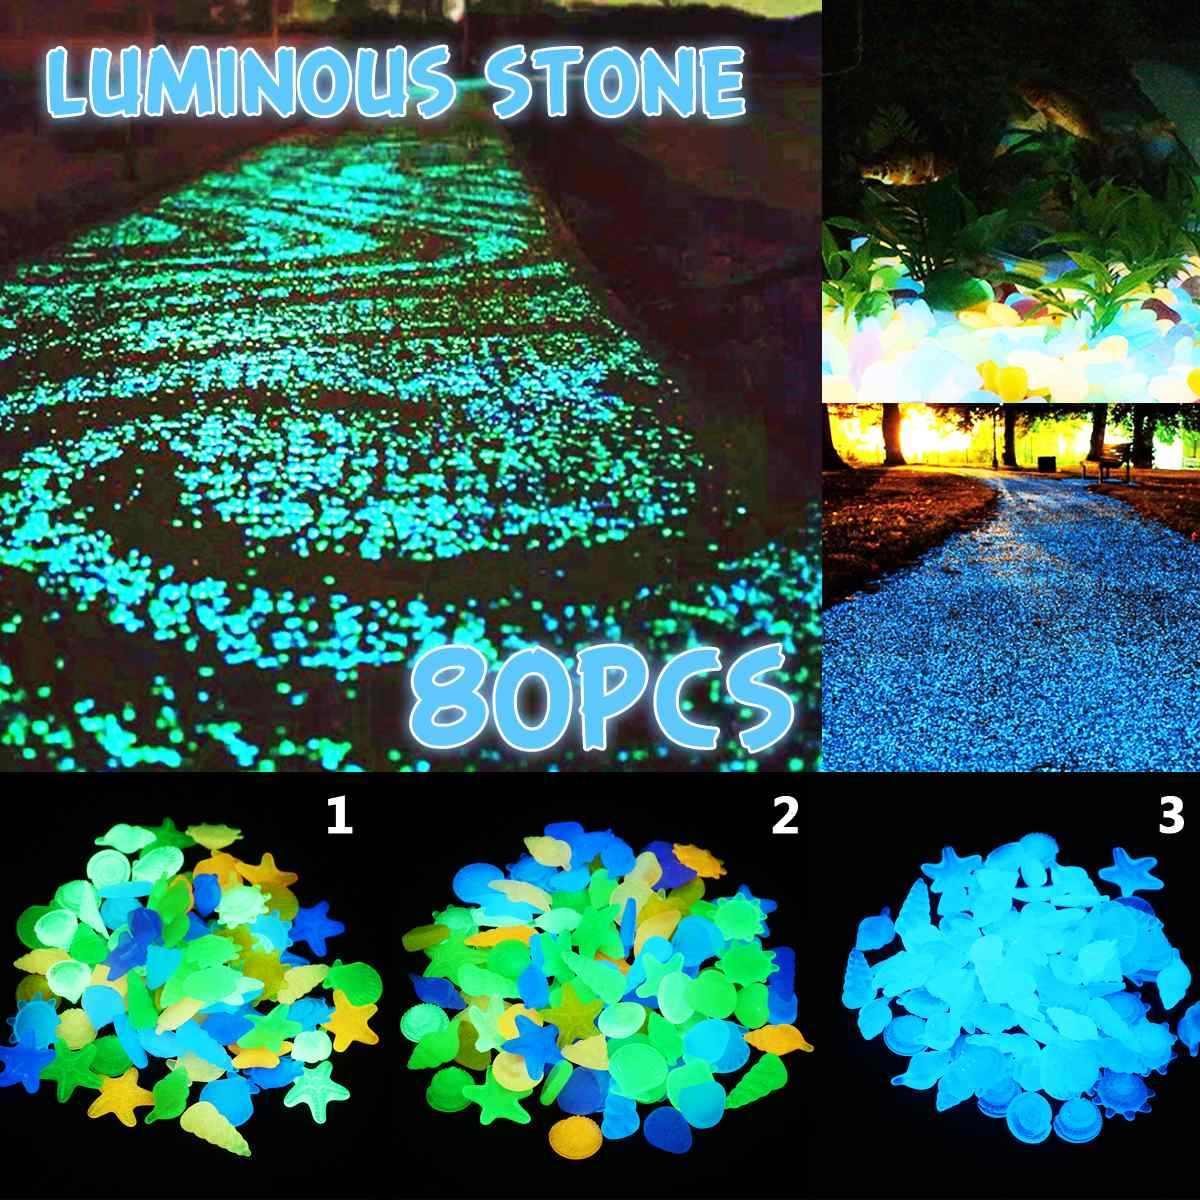 80 sztuk Luminous piasek kamienie ogród Park Road blask w ciemności ozdoby na imprezę akwarium Fish Tank dekoracji ozdoby z kamienia